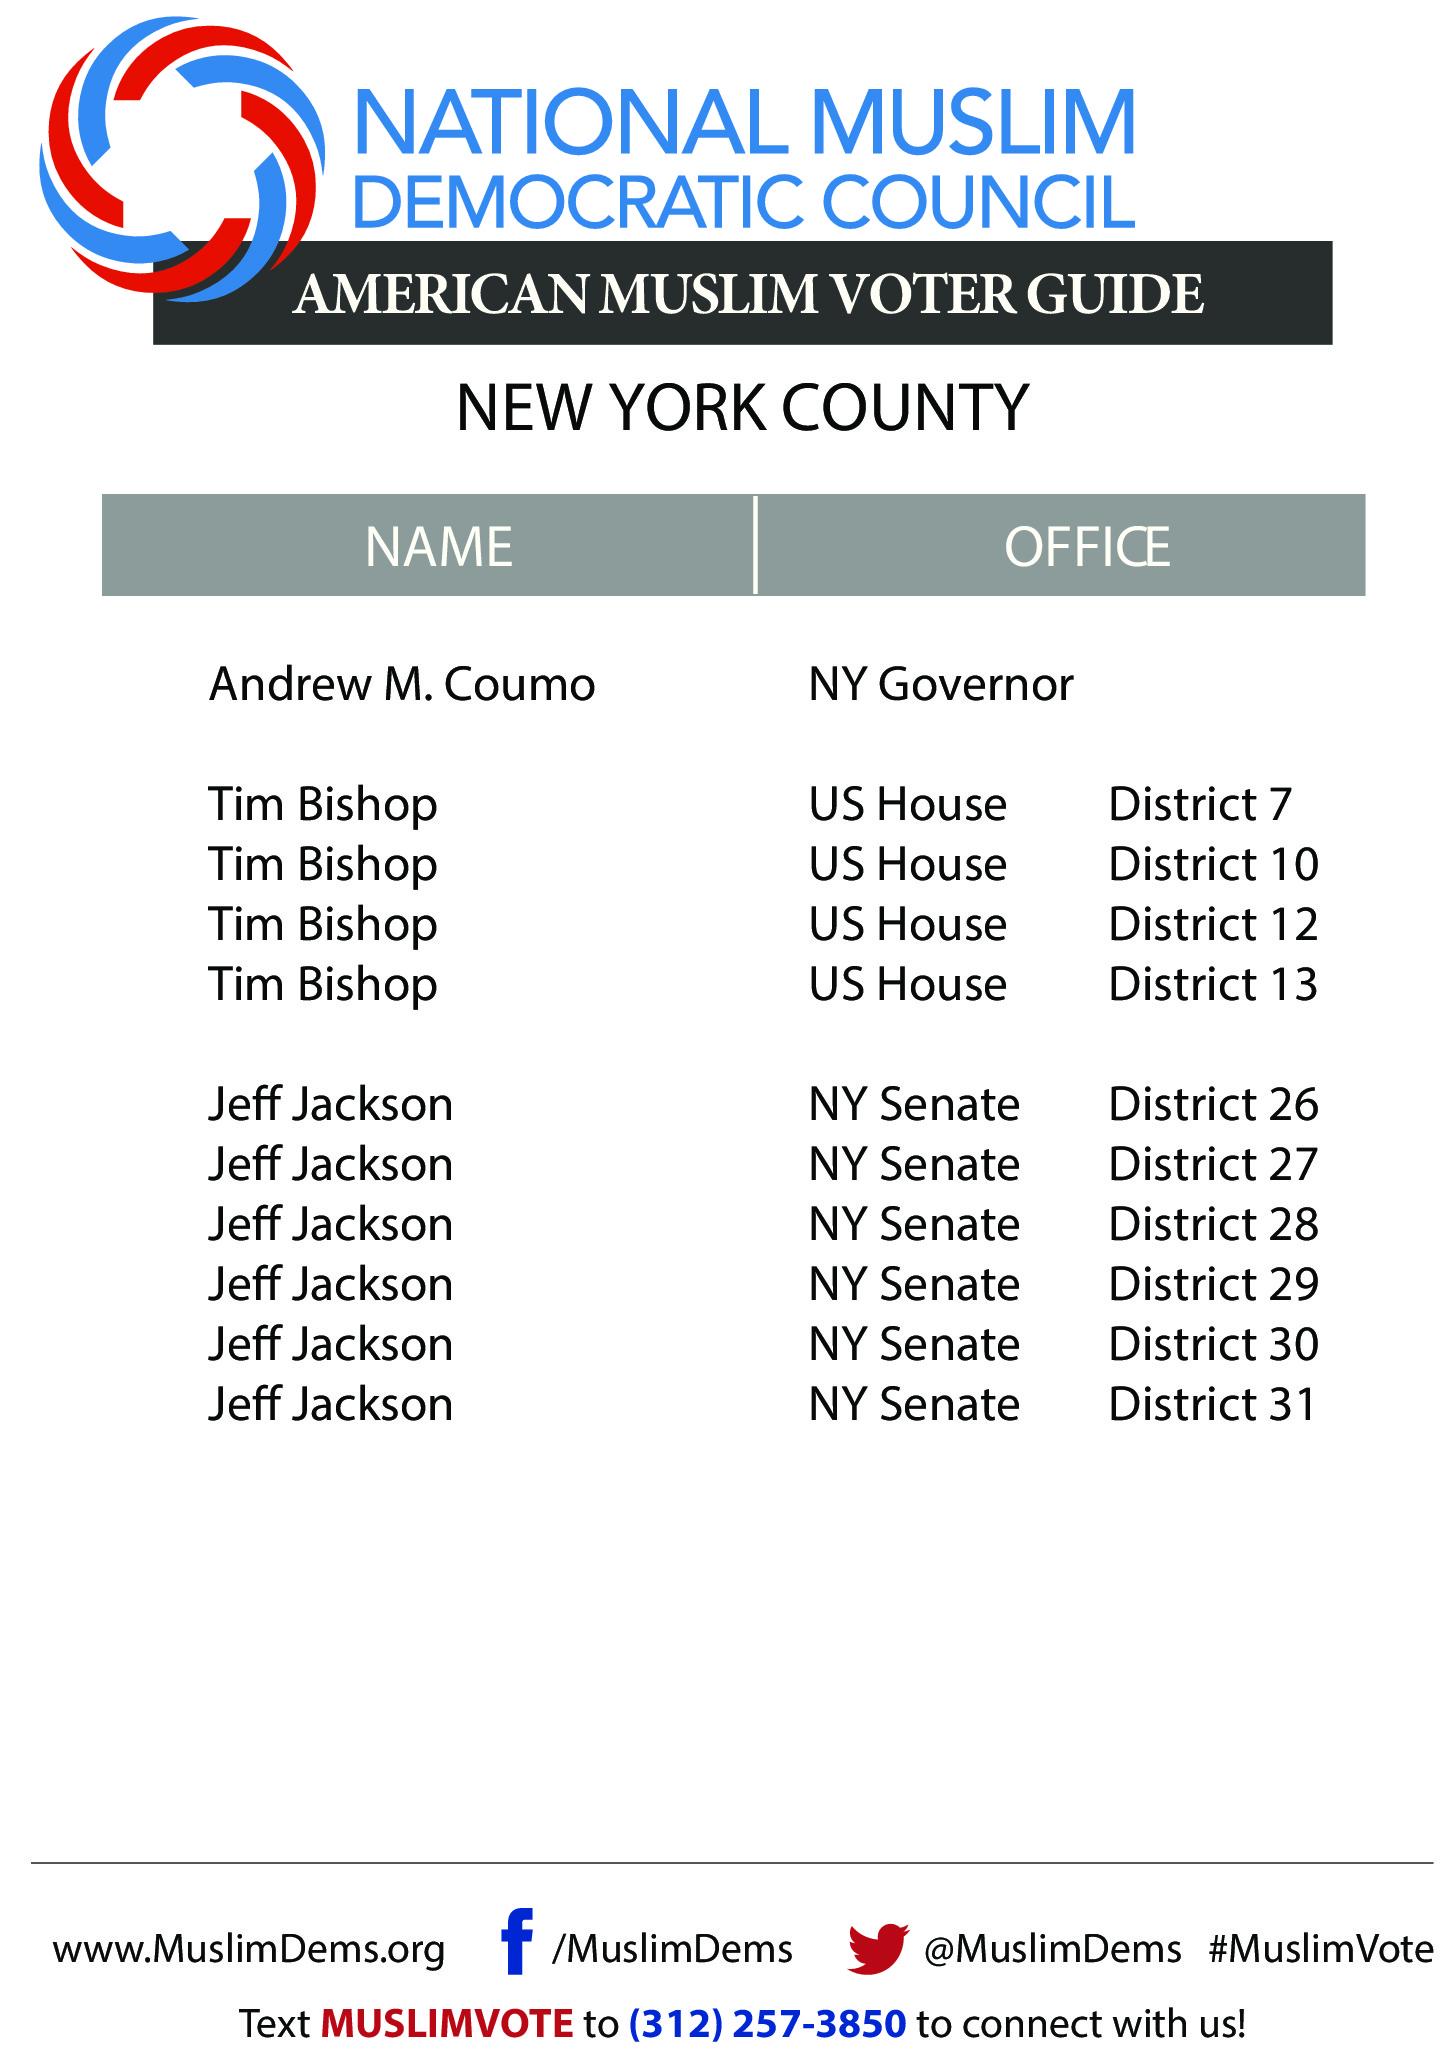 NY_New_York_County_1.jpg